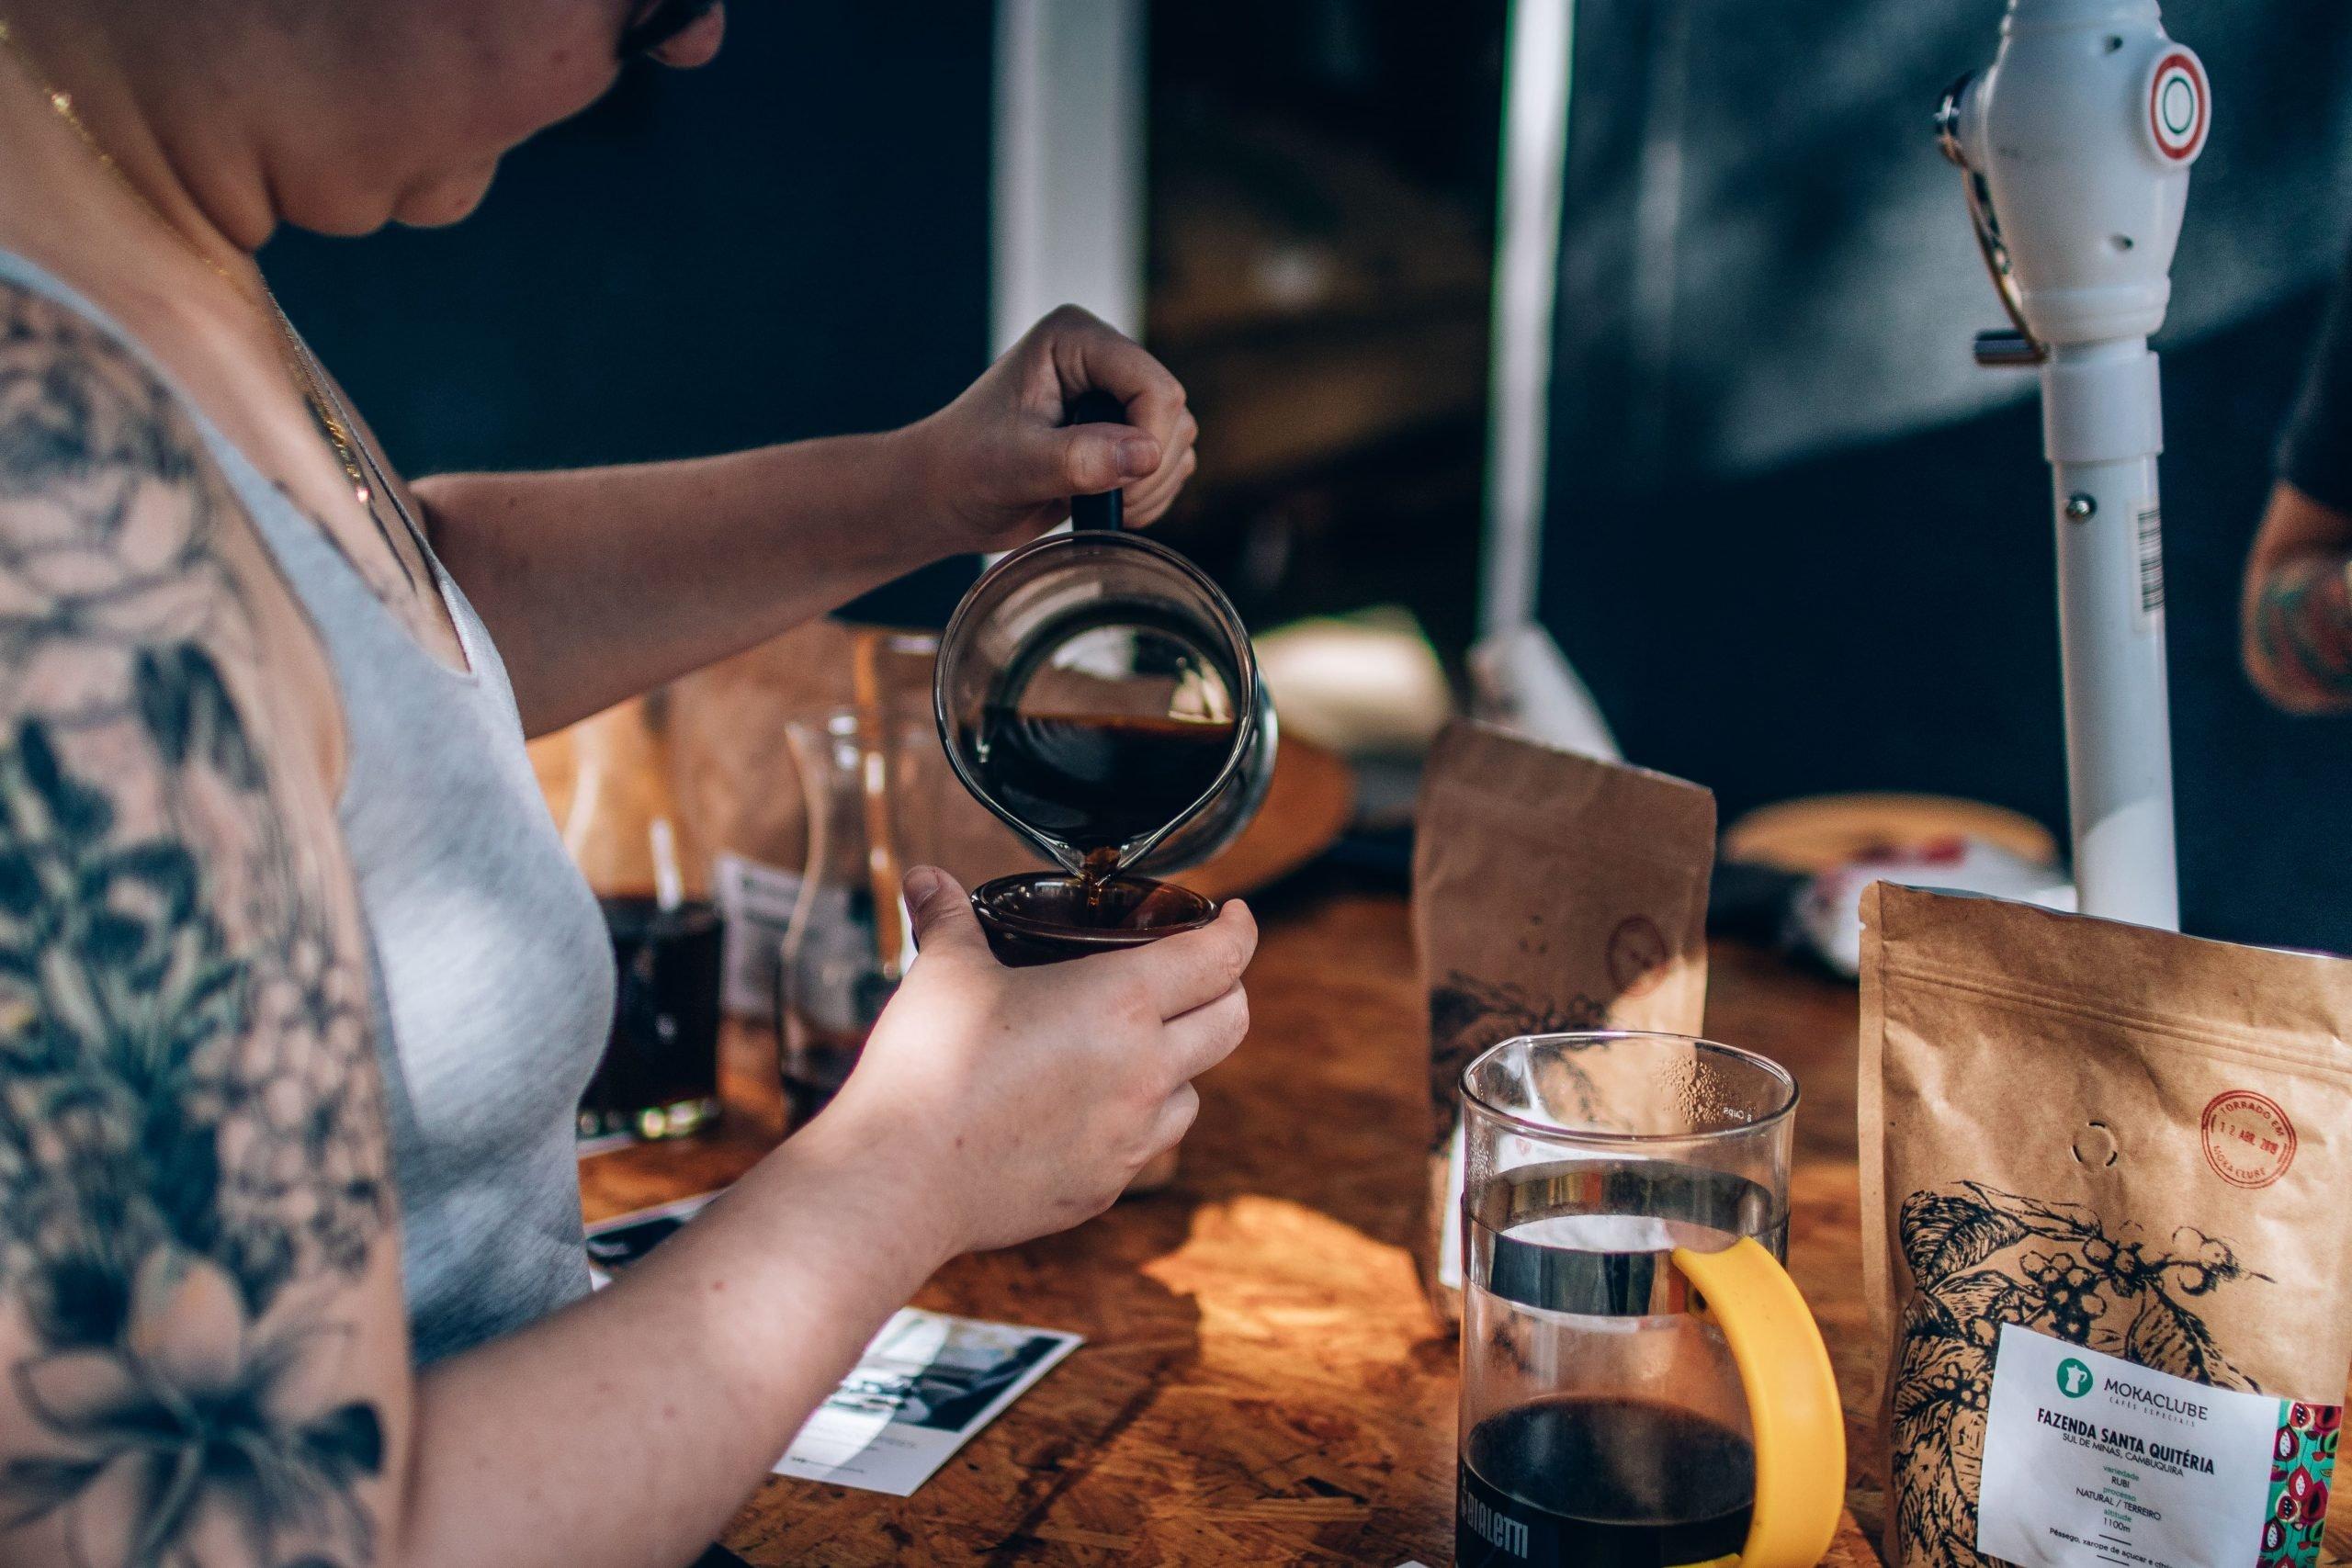 Mulher servindo café especial na xícara.